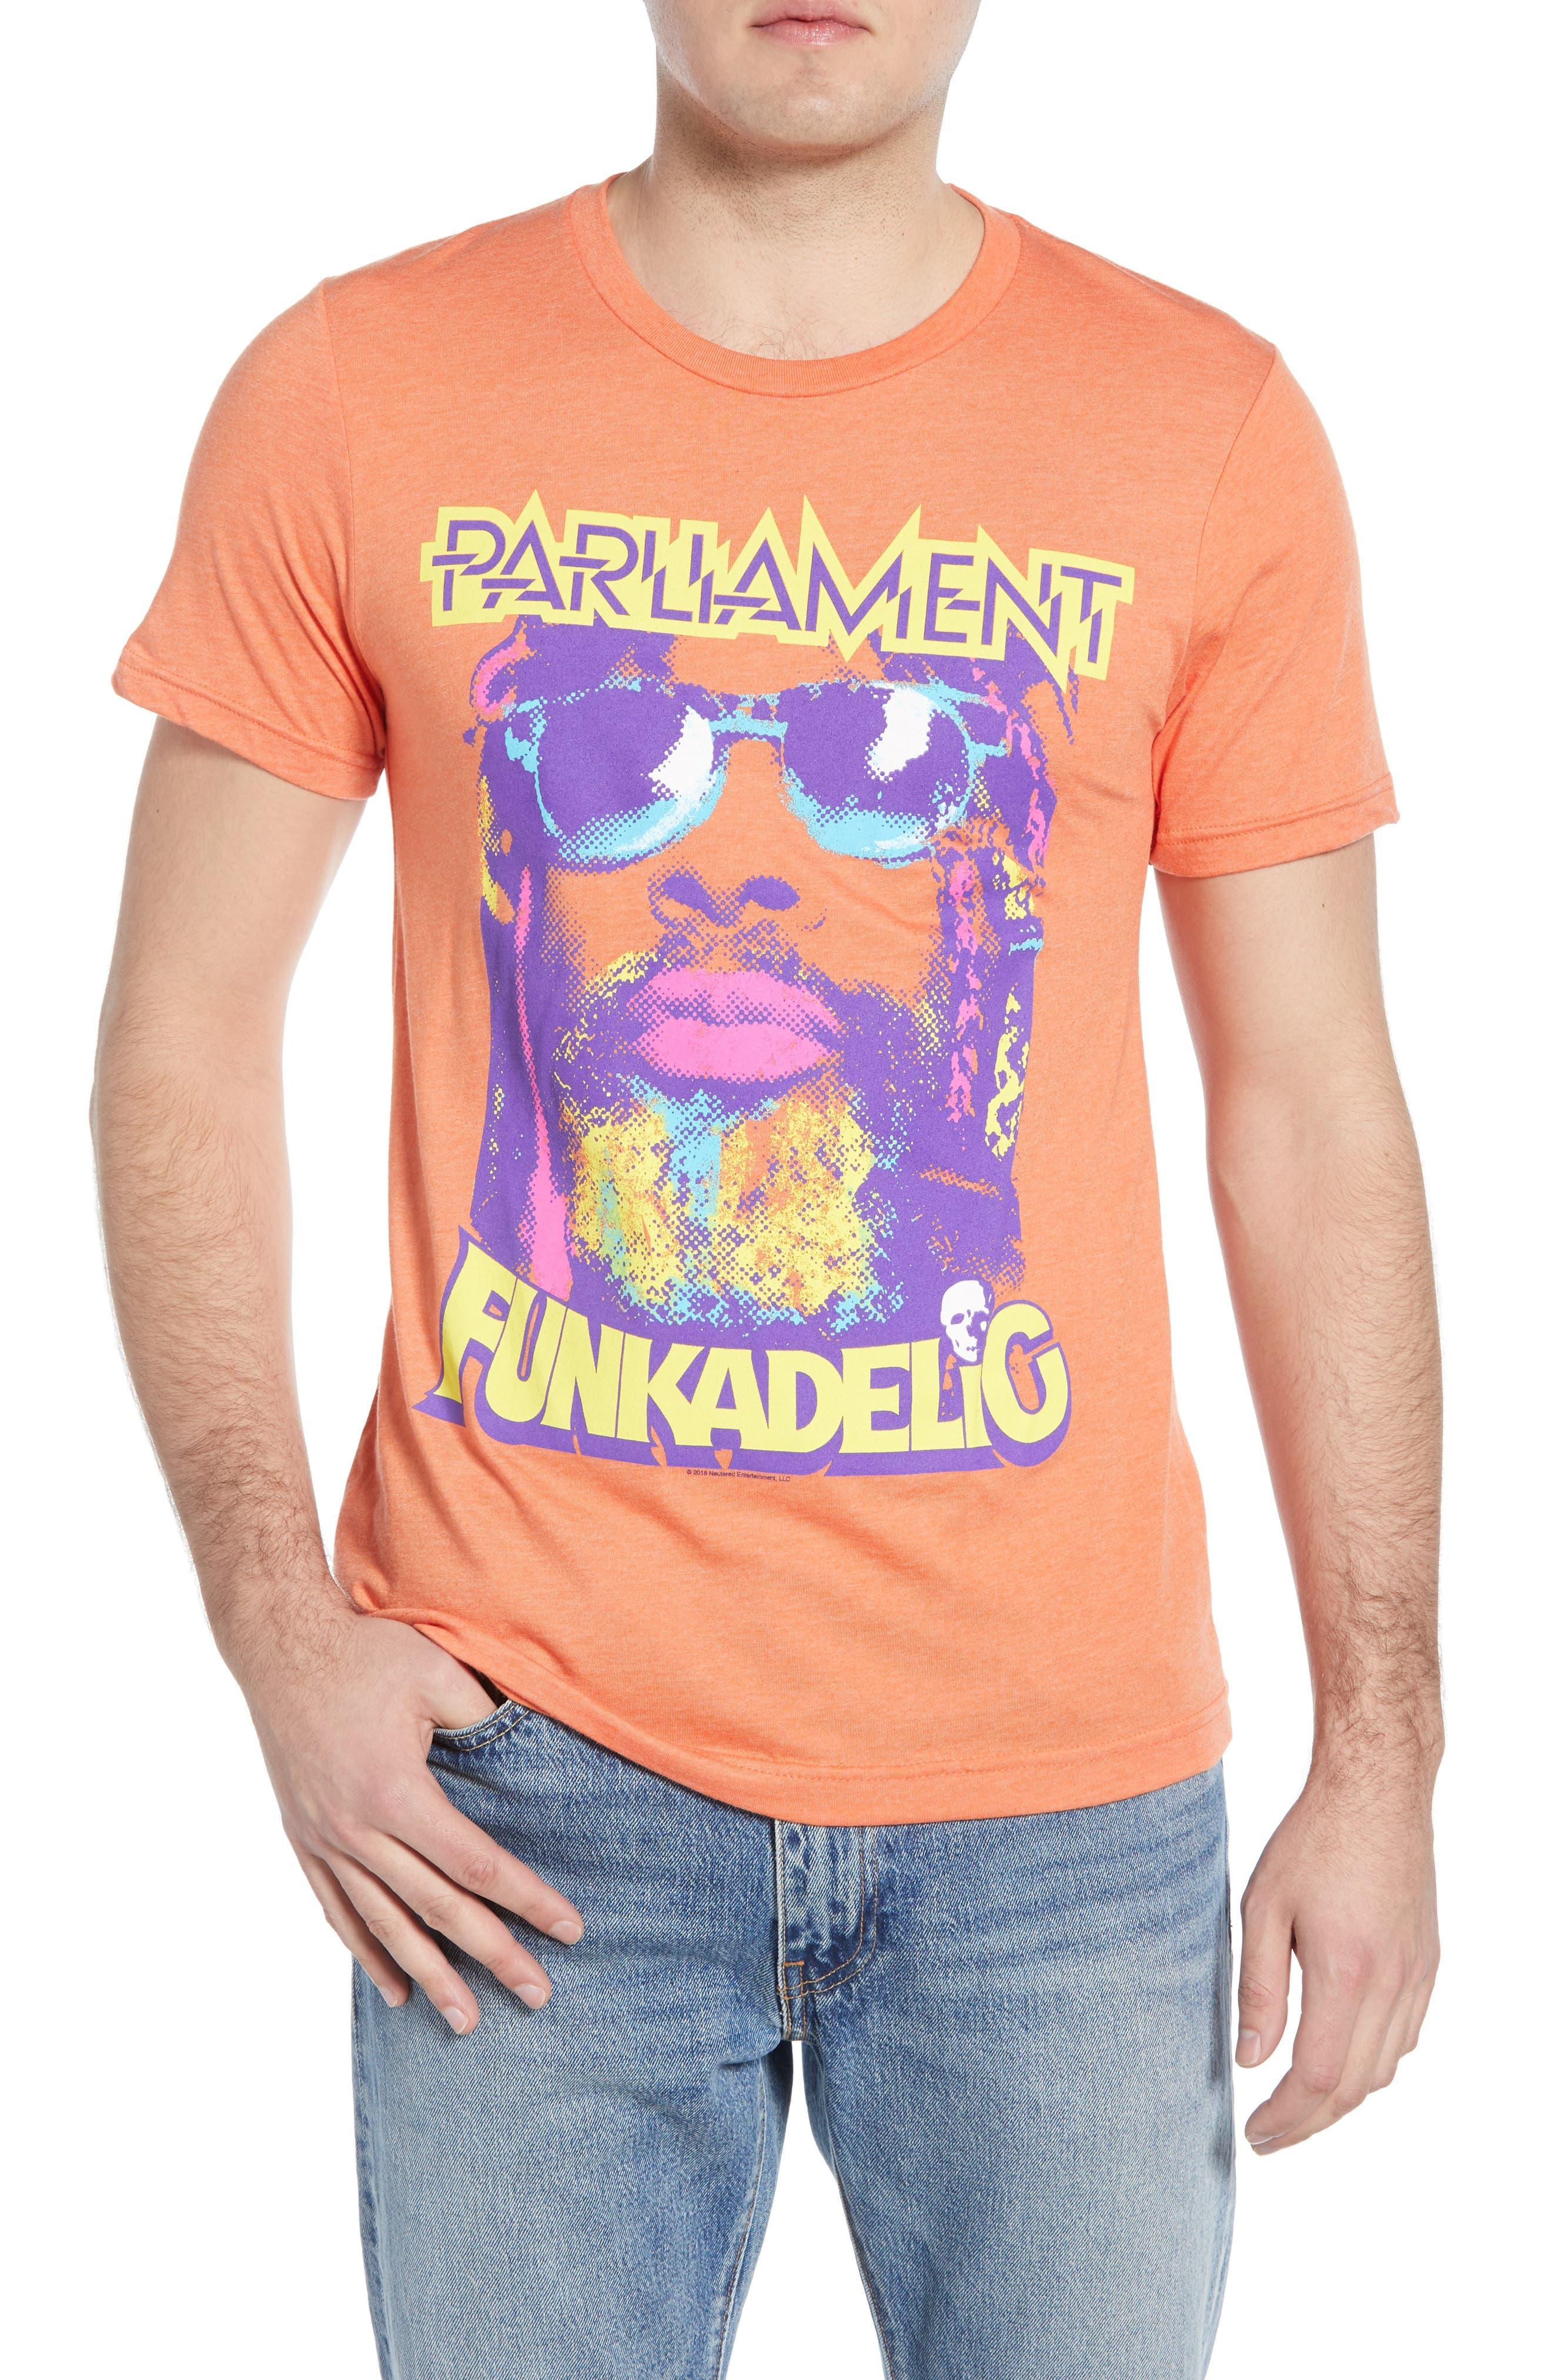 Impact Merchandising Parliament Funkadelic Graphic T-Shirt, Orange